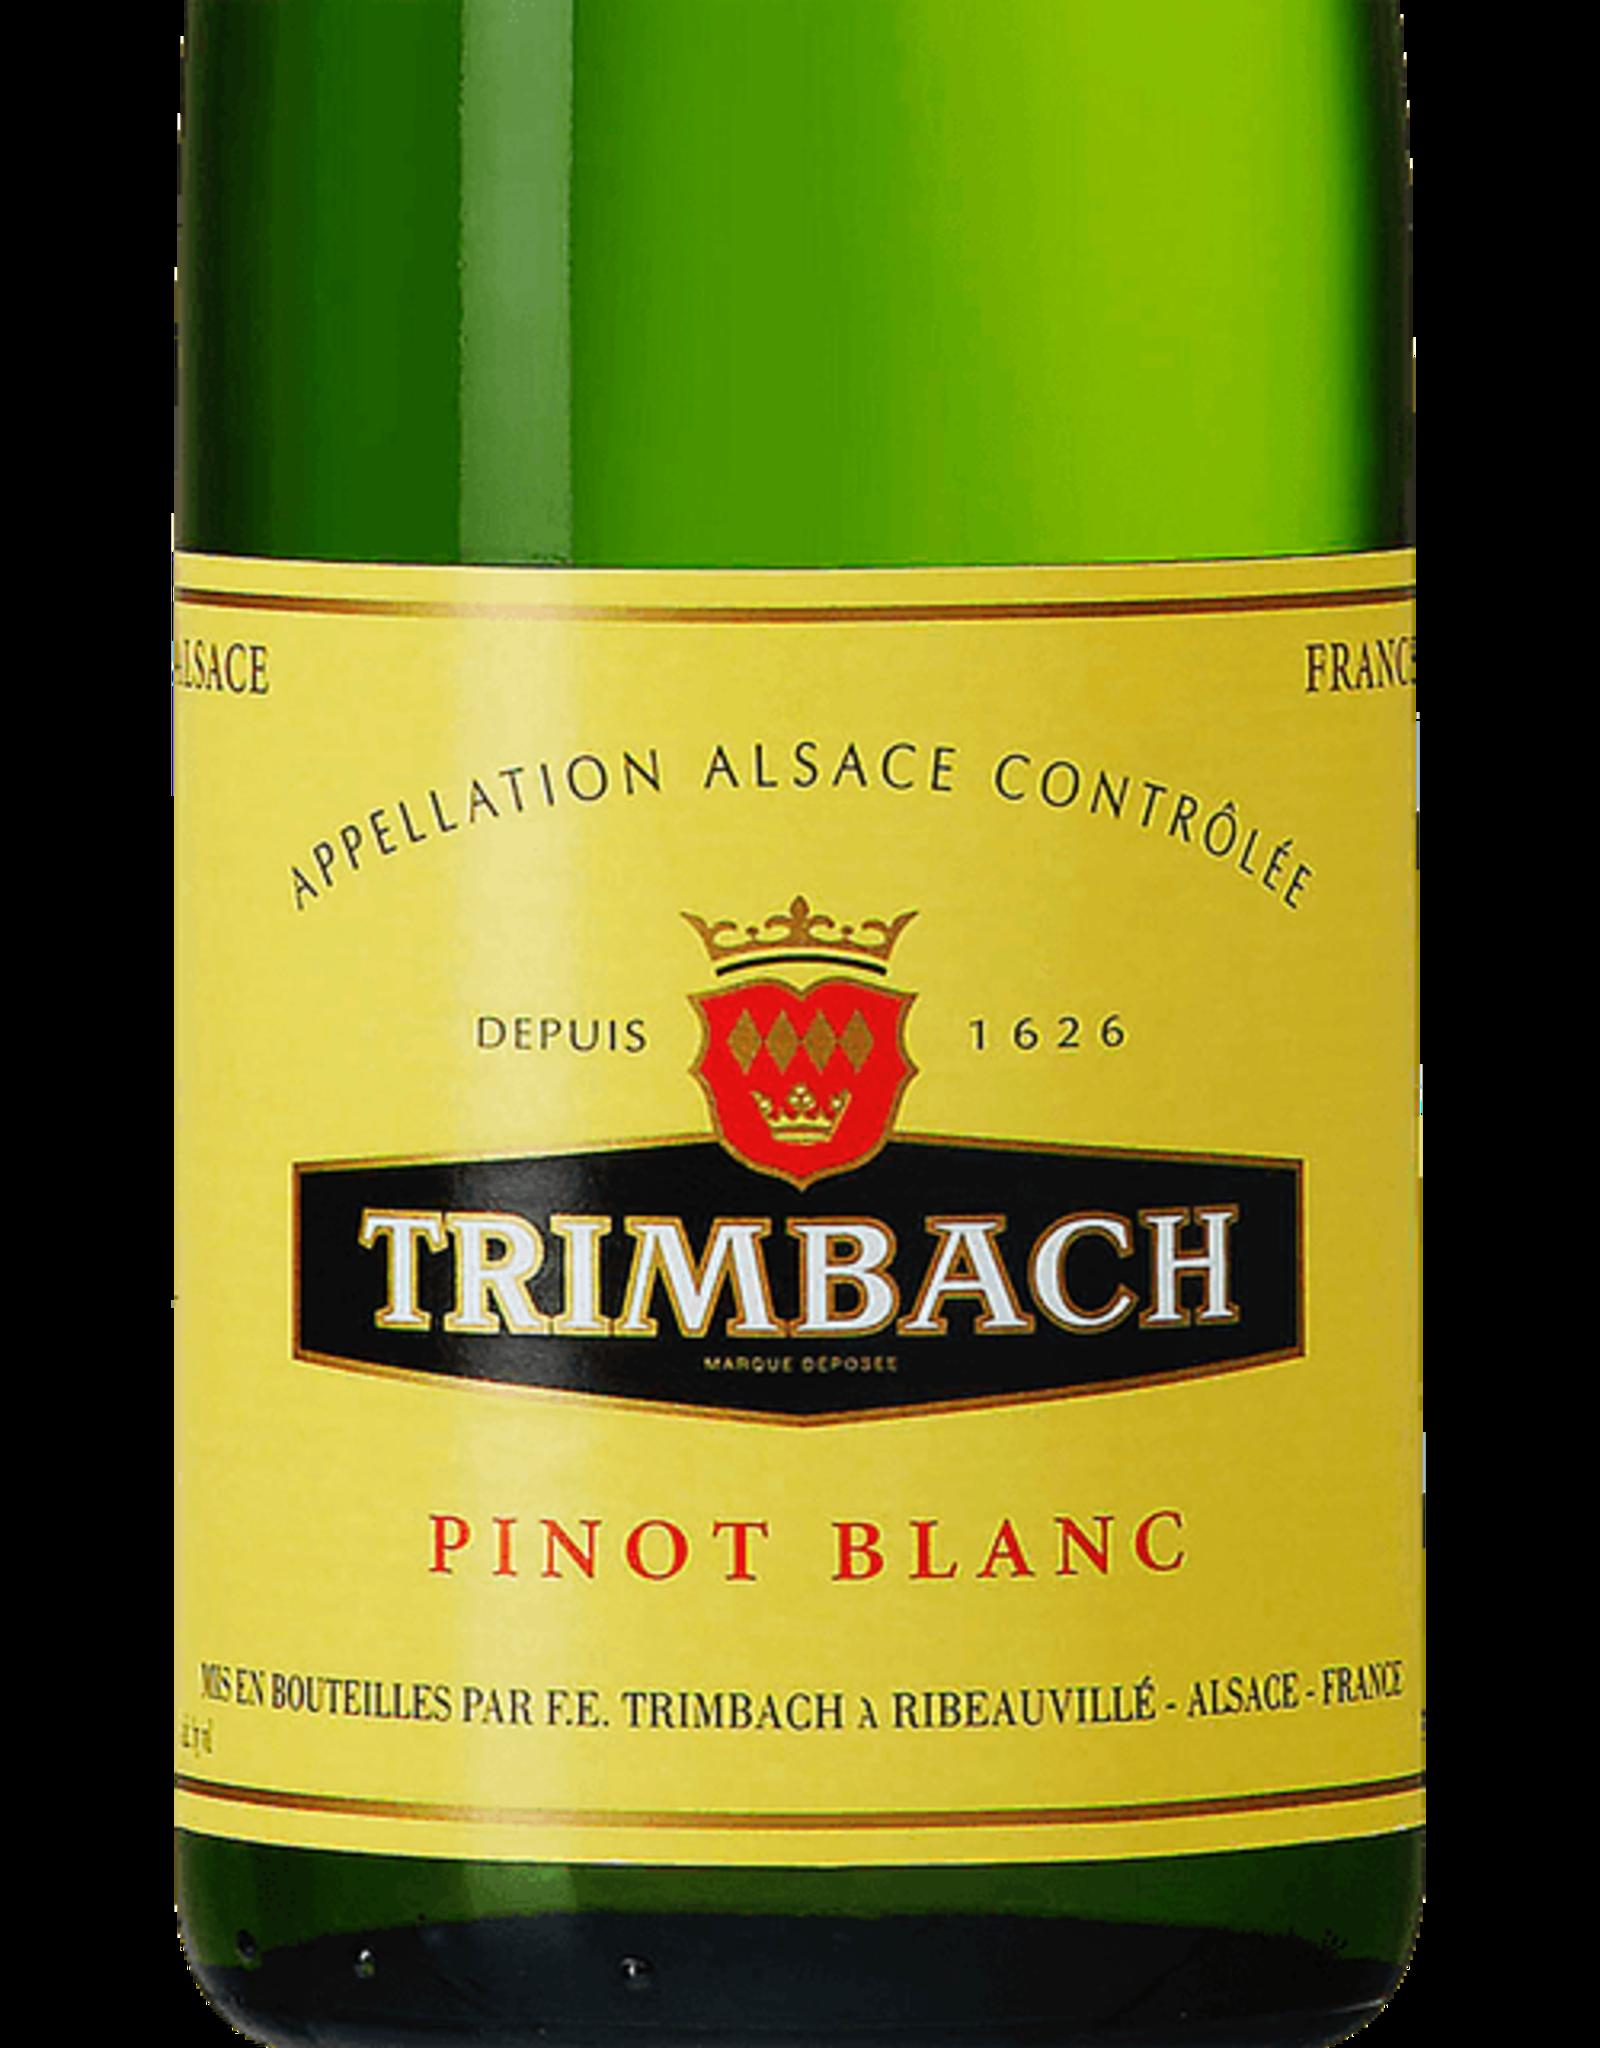 Trimbach Pinot Blanc 2016